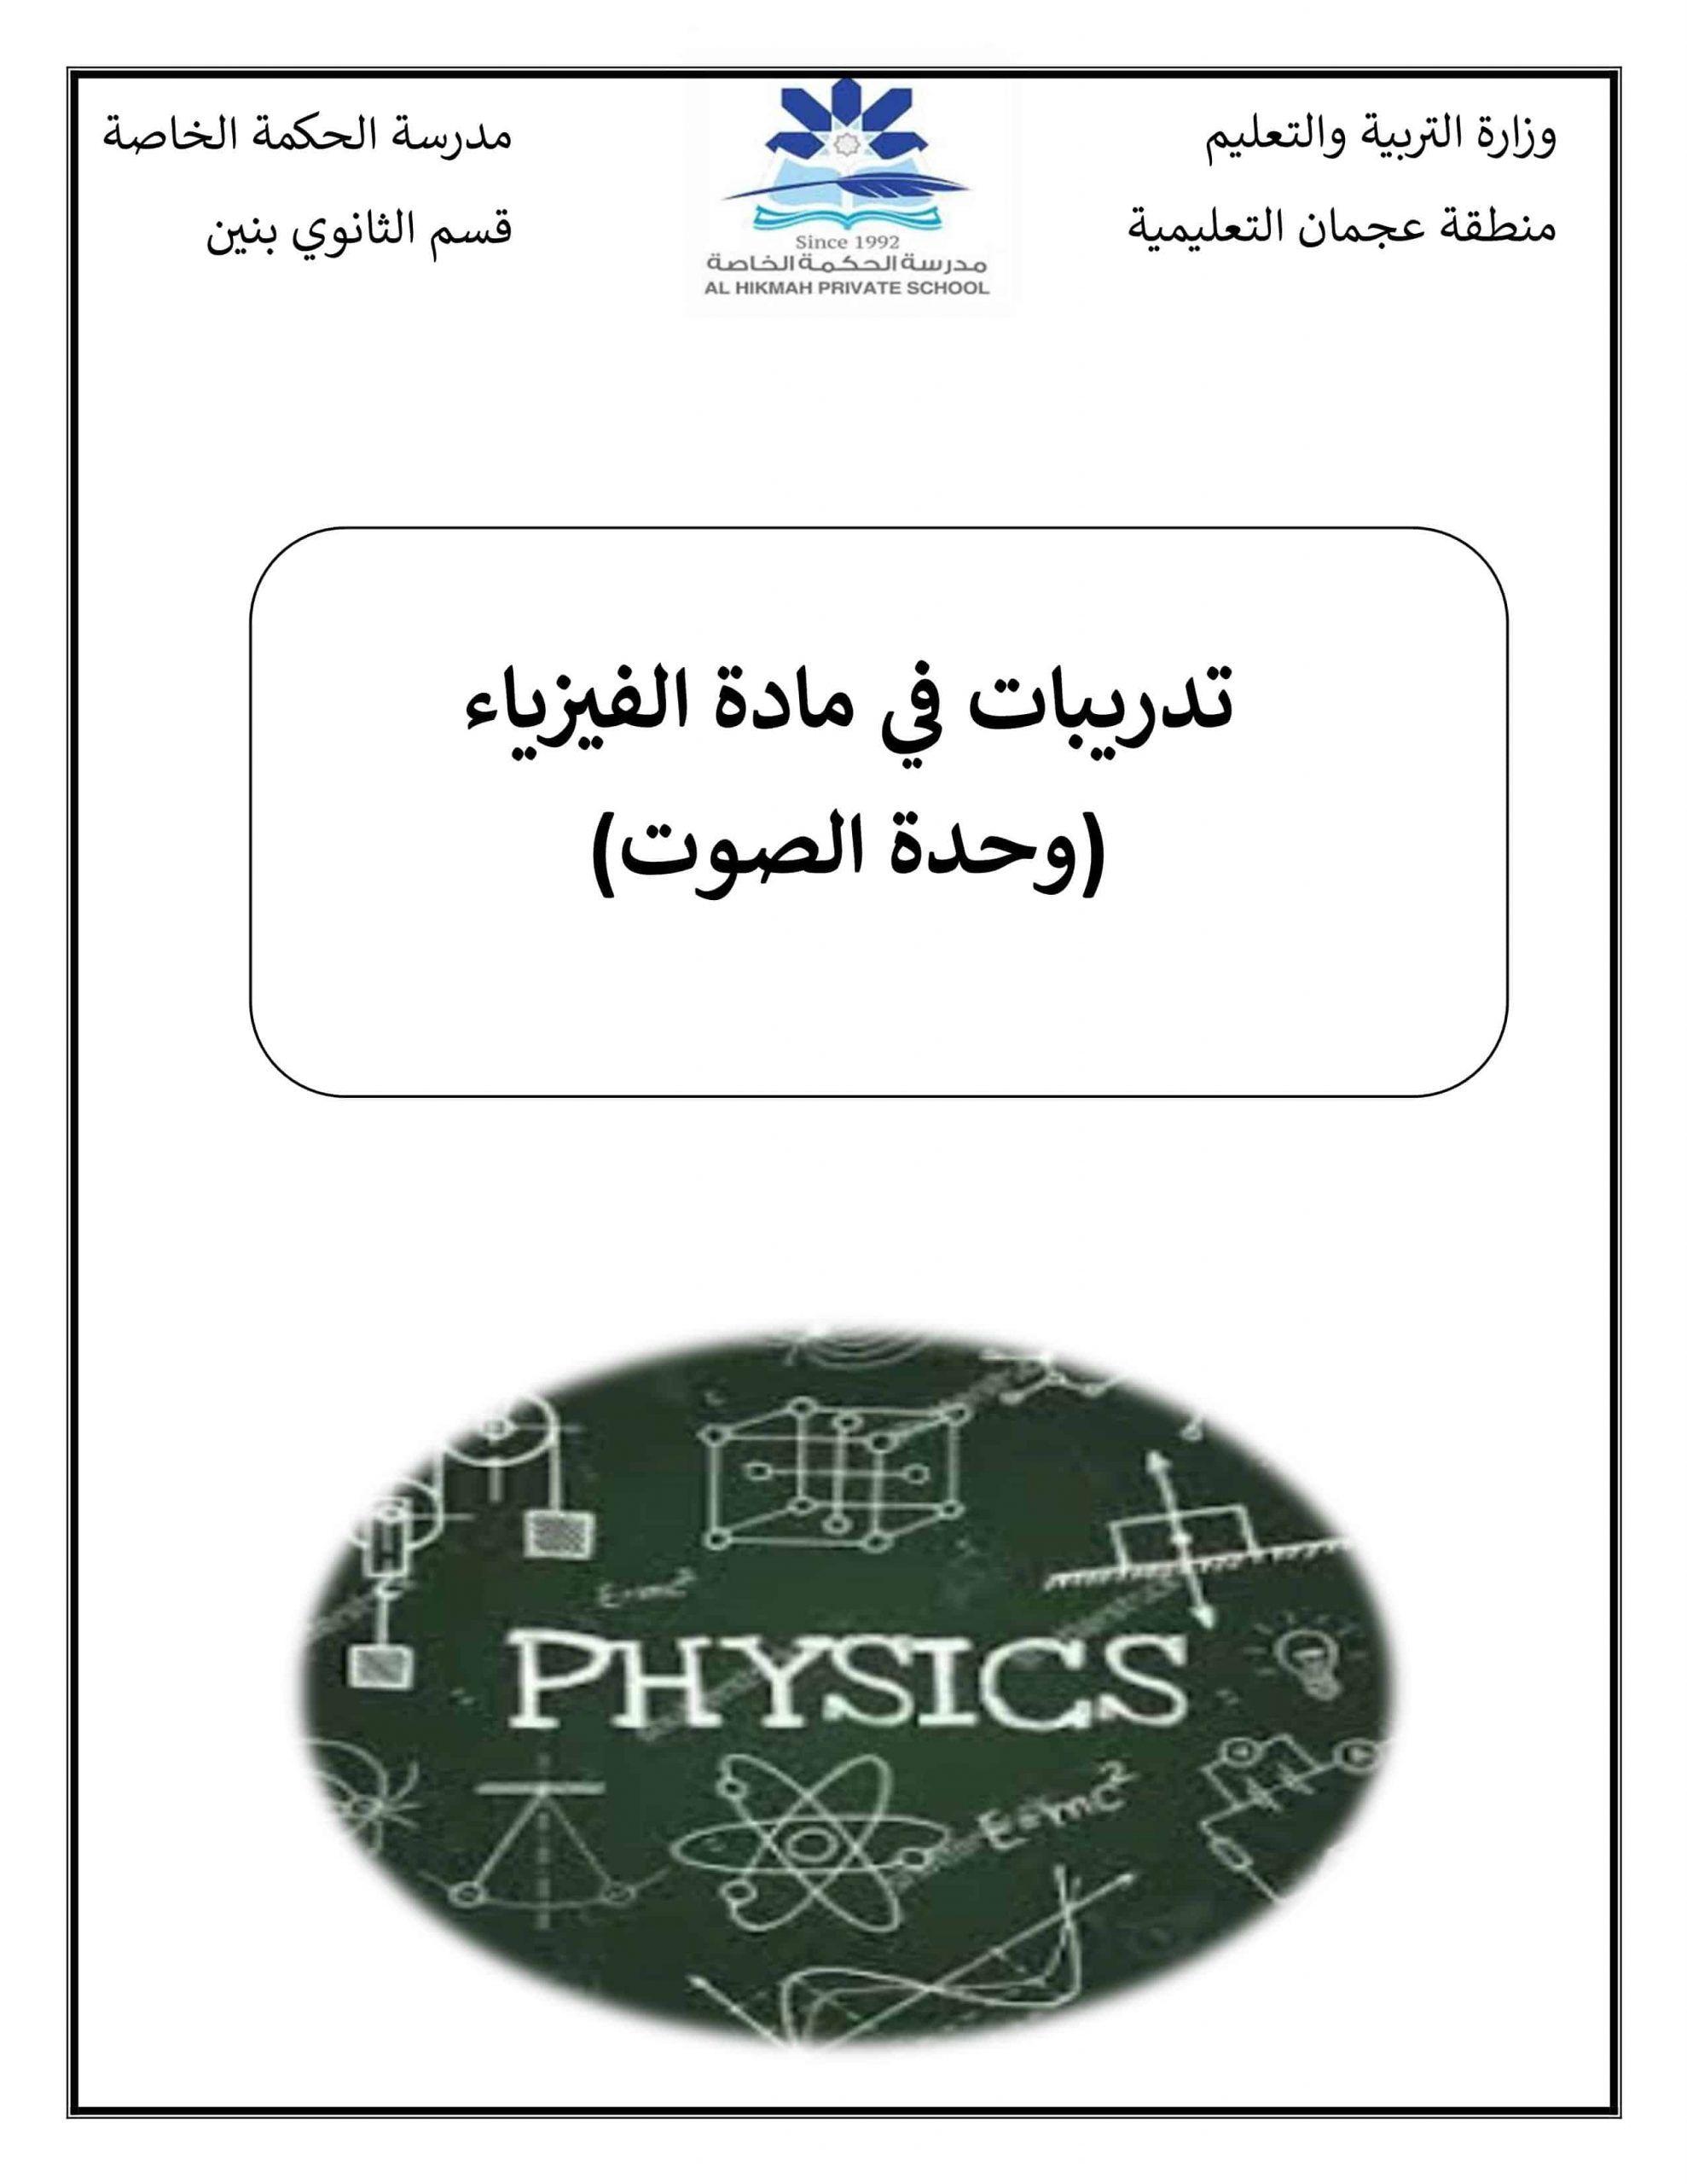 أوراق عمل وتدريبات وحدة الصوت الصف العاشر مادة الفيزياء In 2021 Private School Physics School